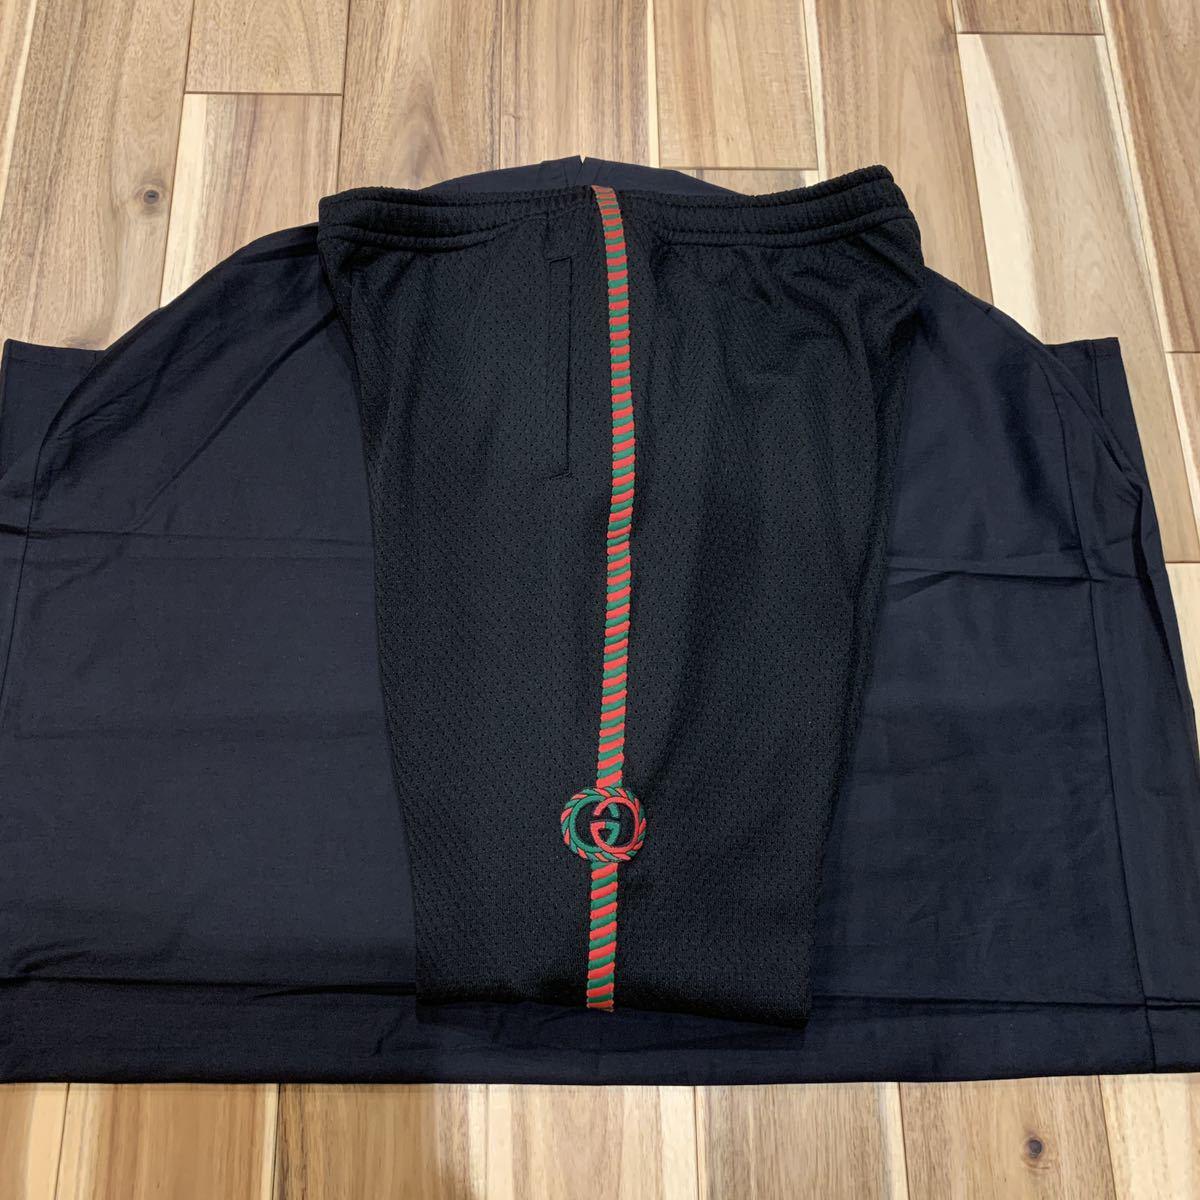 《値引交渉大歓迎》レア 新品 GUCCI グッチ 刺繍ライン ジャージ セットアップ ジャケット パンツ_画像7